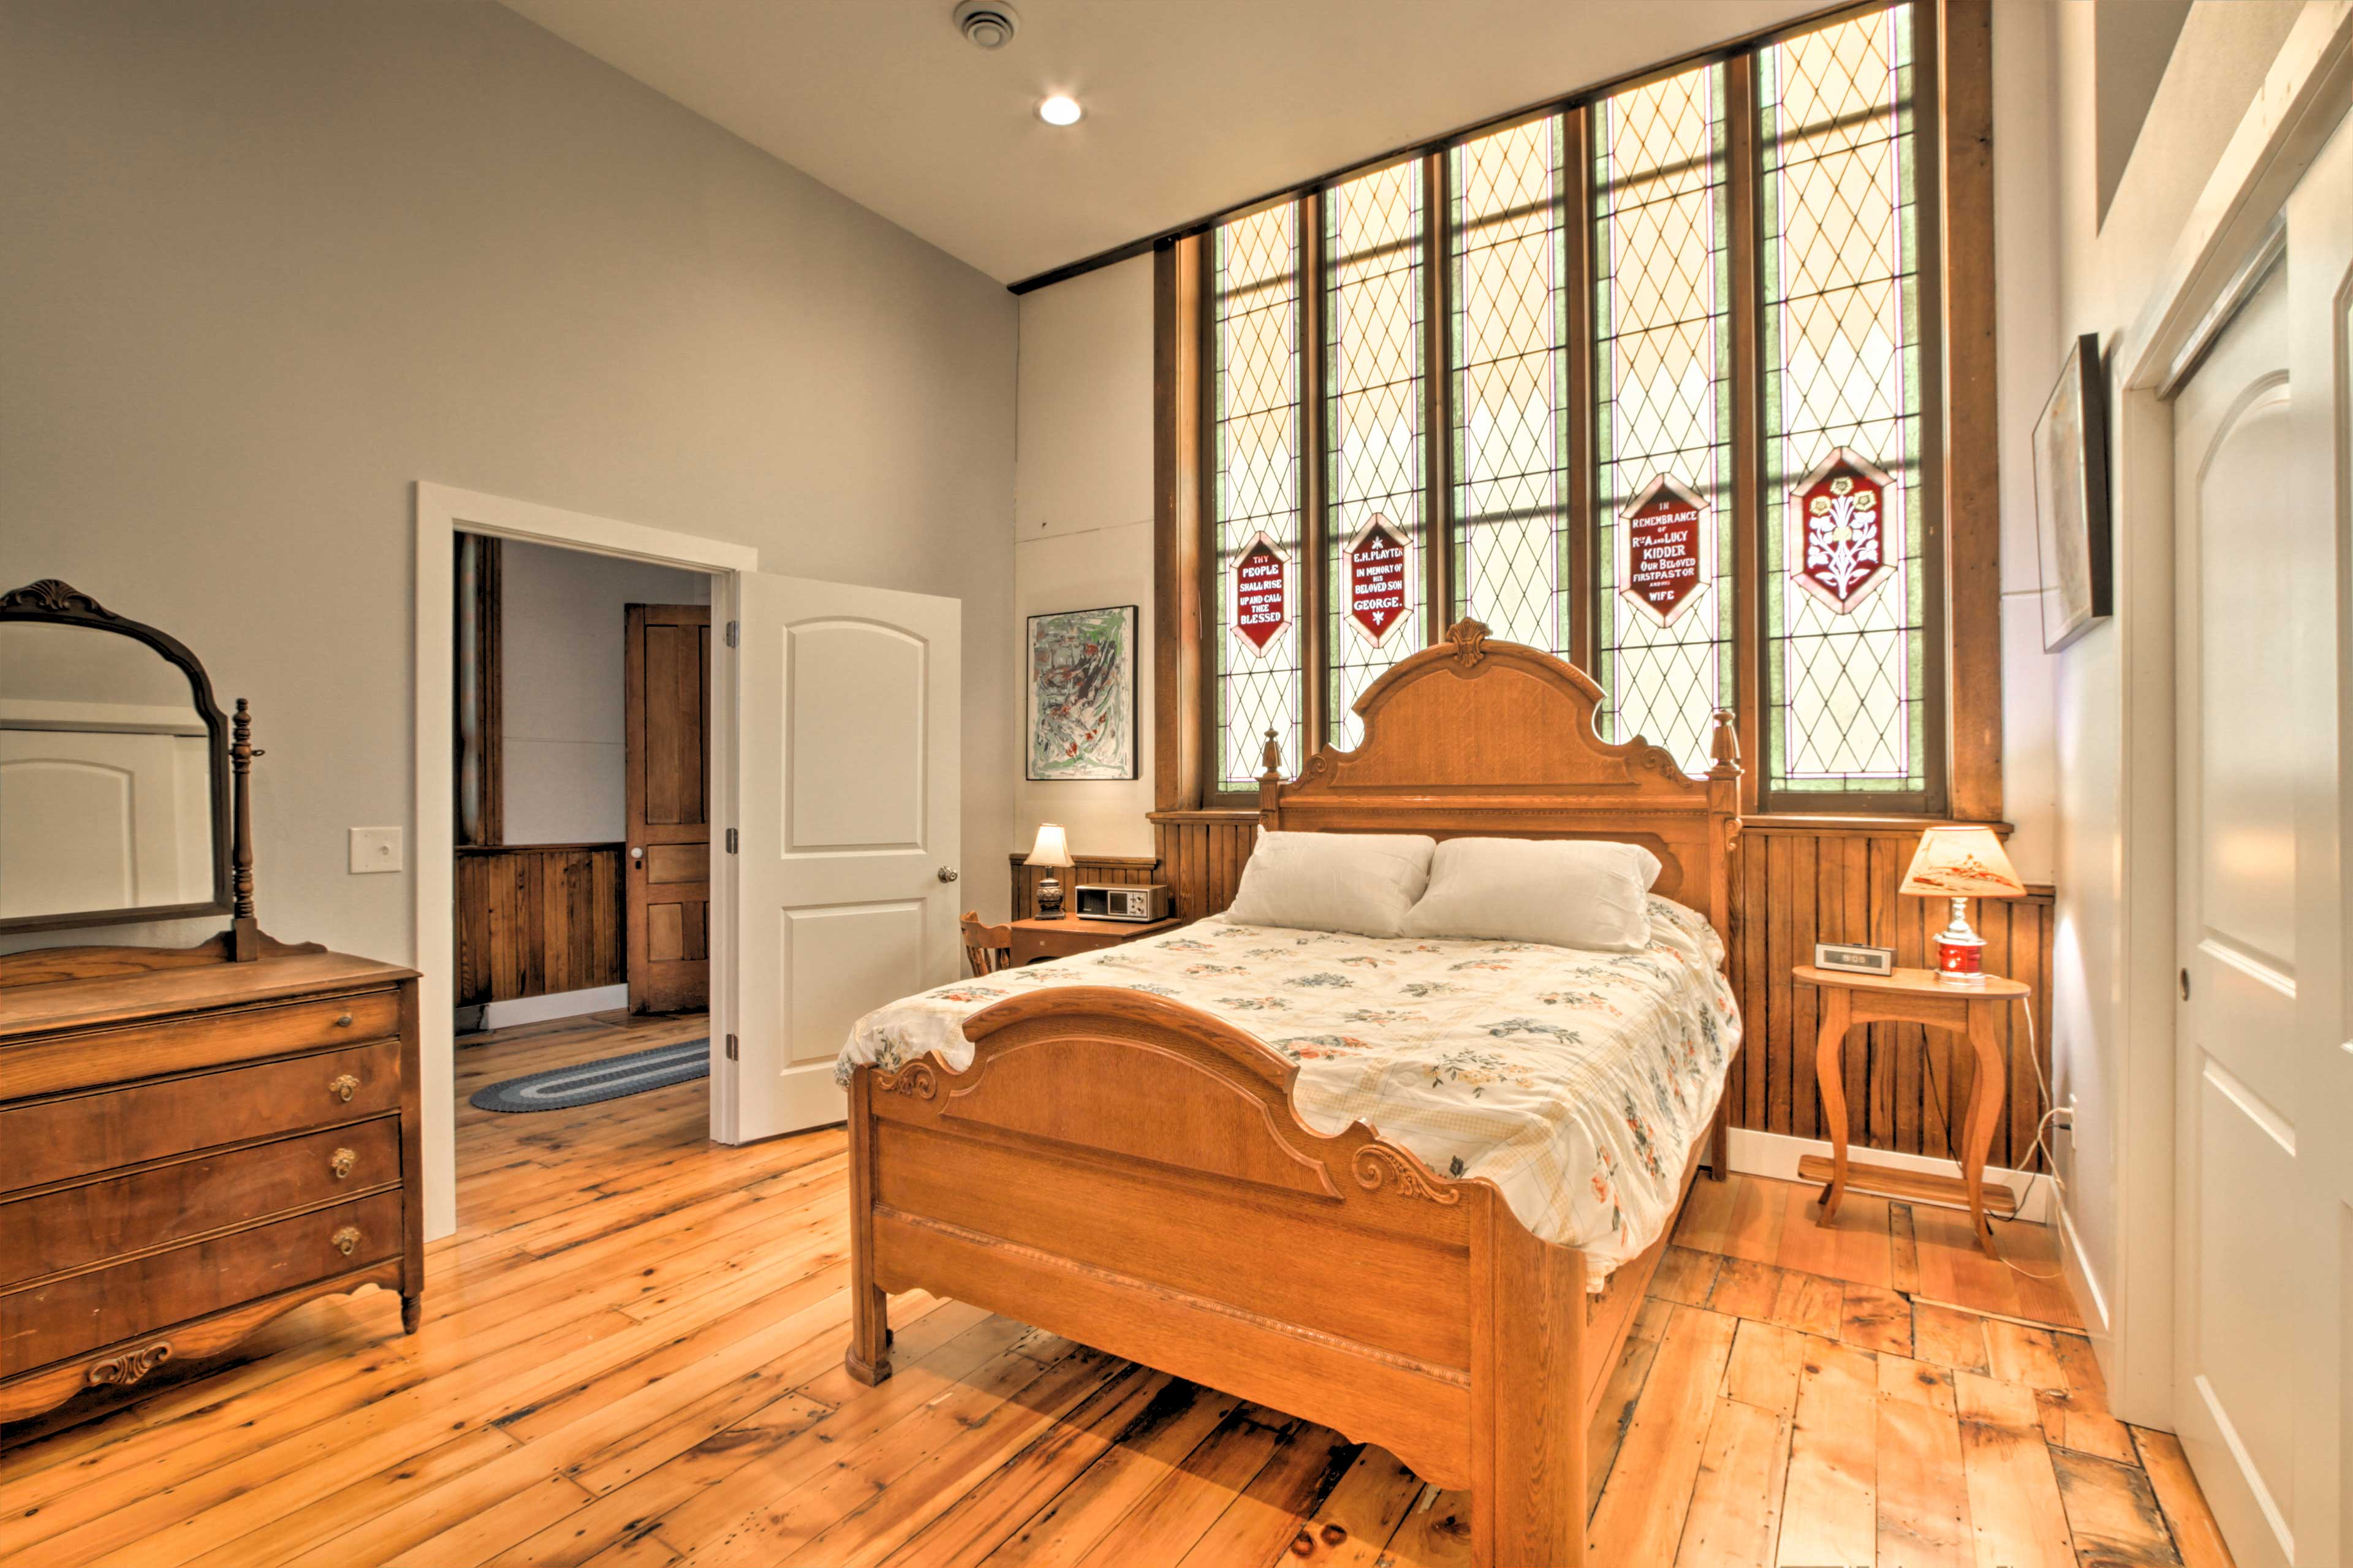 Bedroom 1 | Queen Bed, Futon